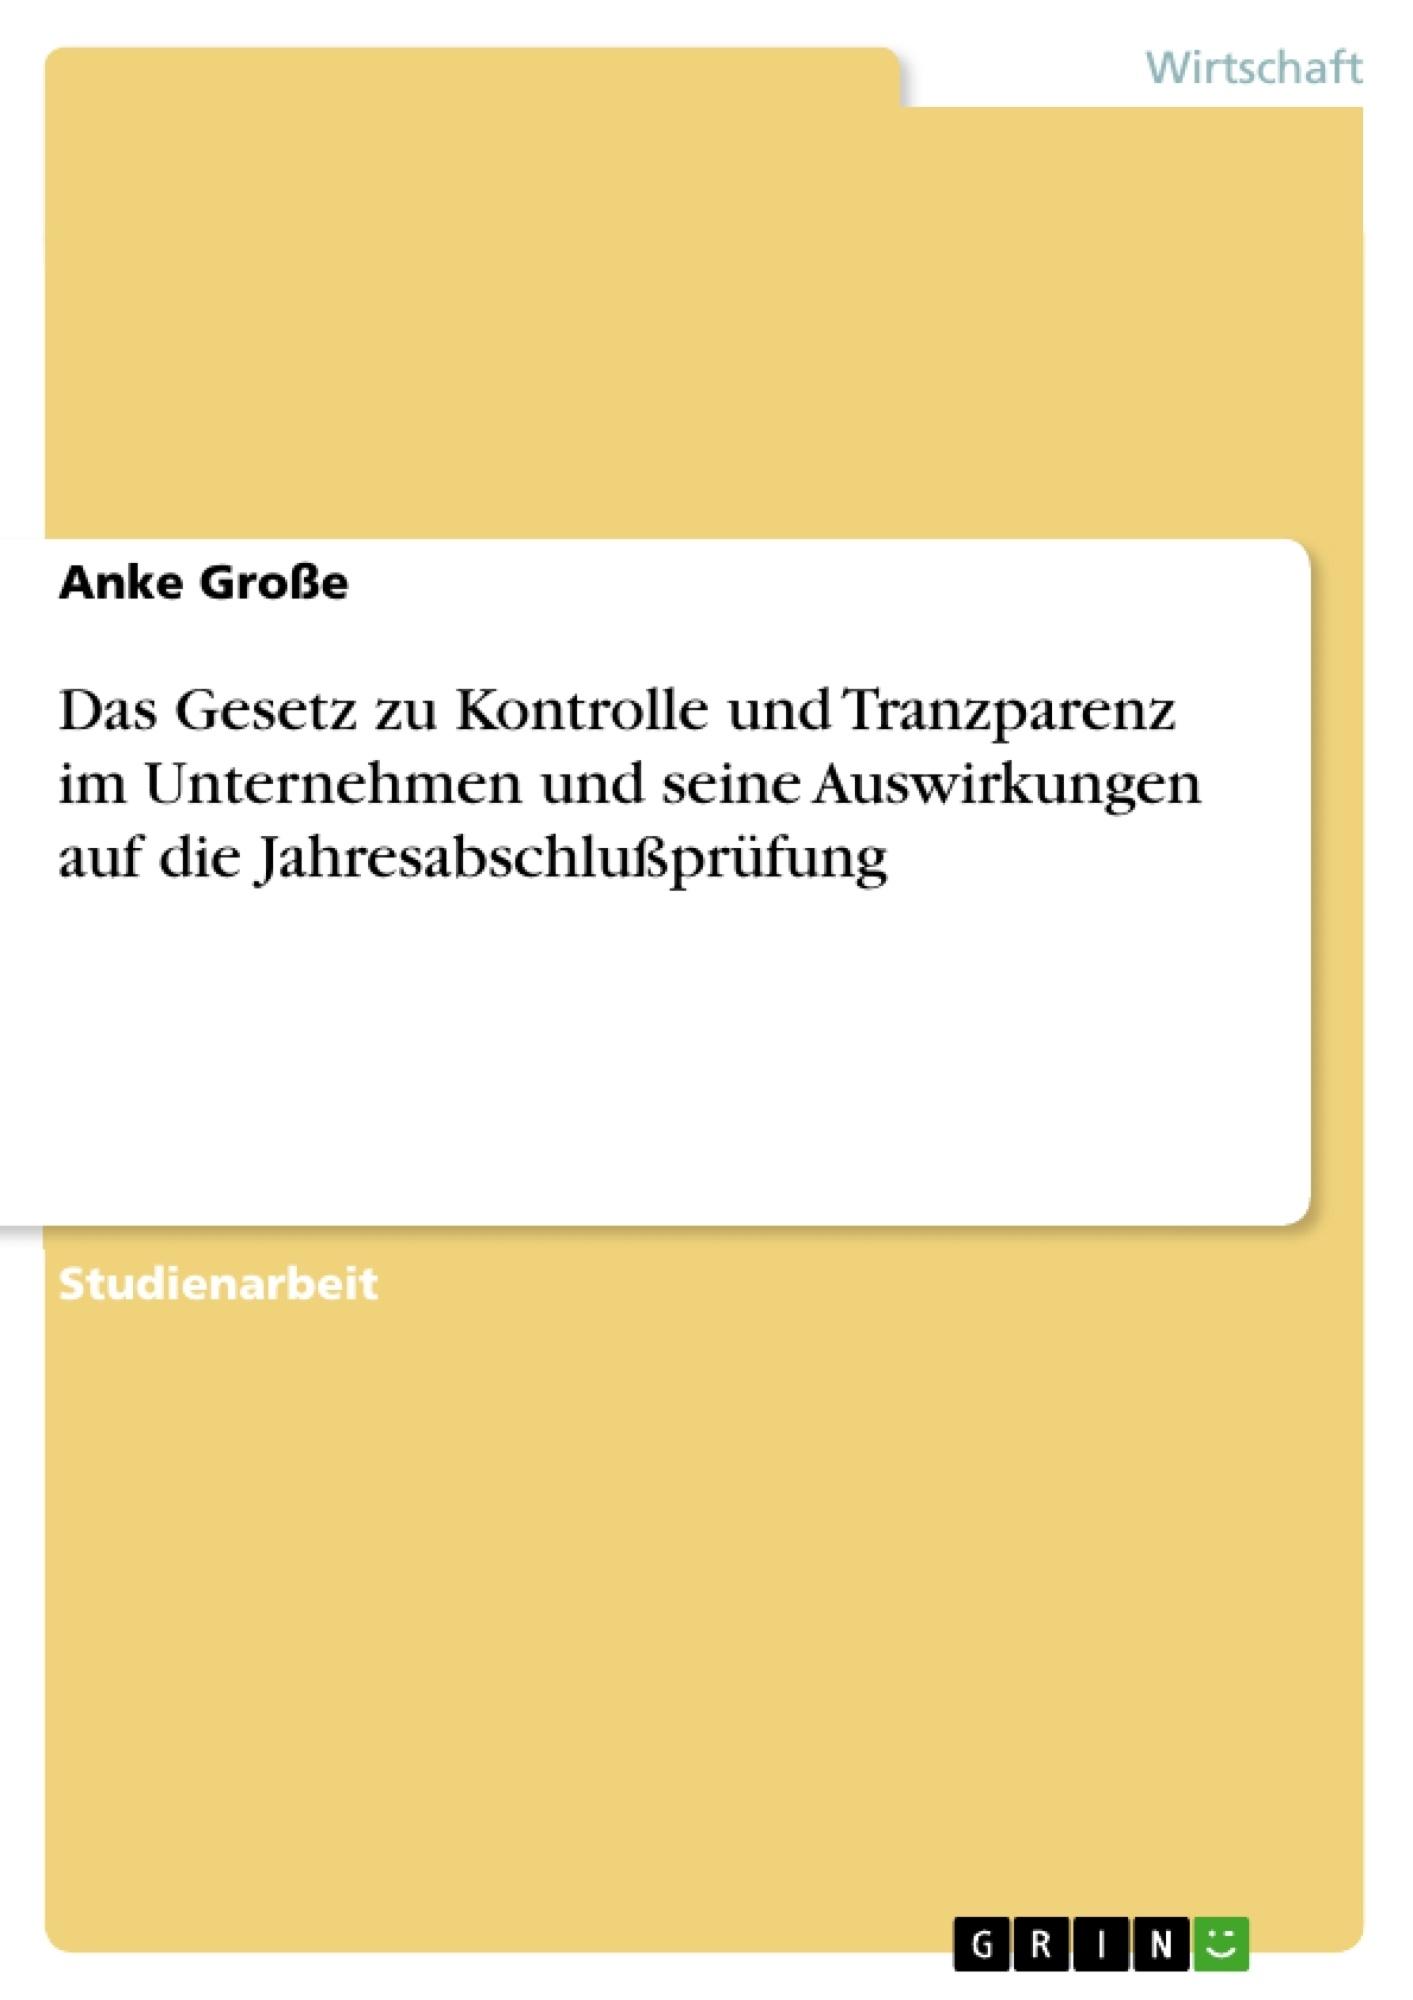 Titel: Das Gesetz zu Kontrolle und Tranzparenz im Unternehmen und seine Auswirkungen auf die Jahresabschlußprüfung